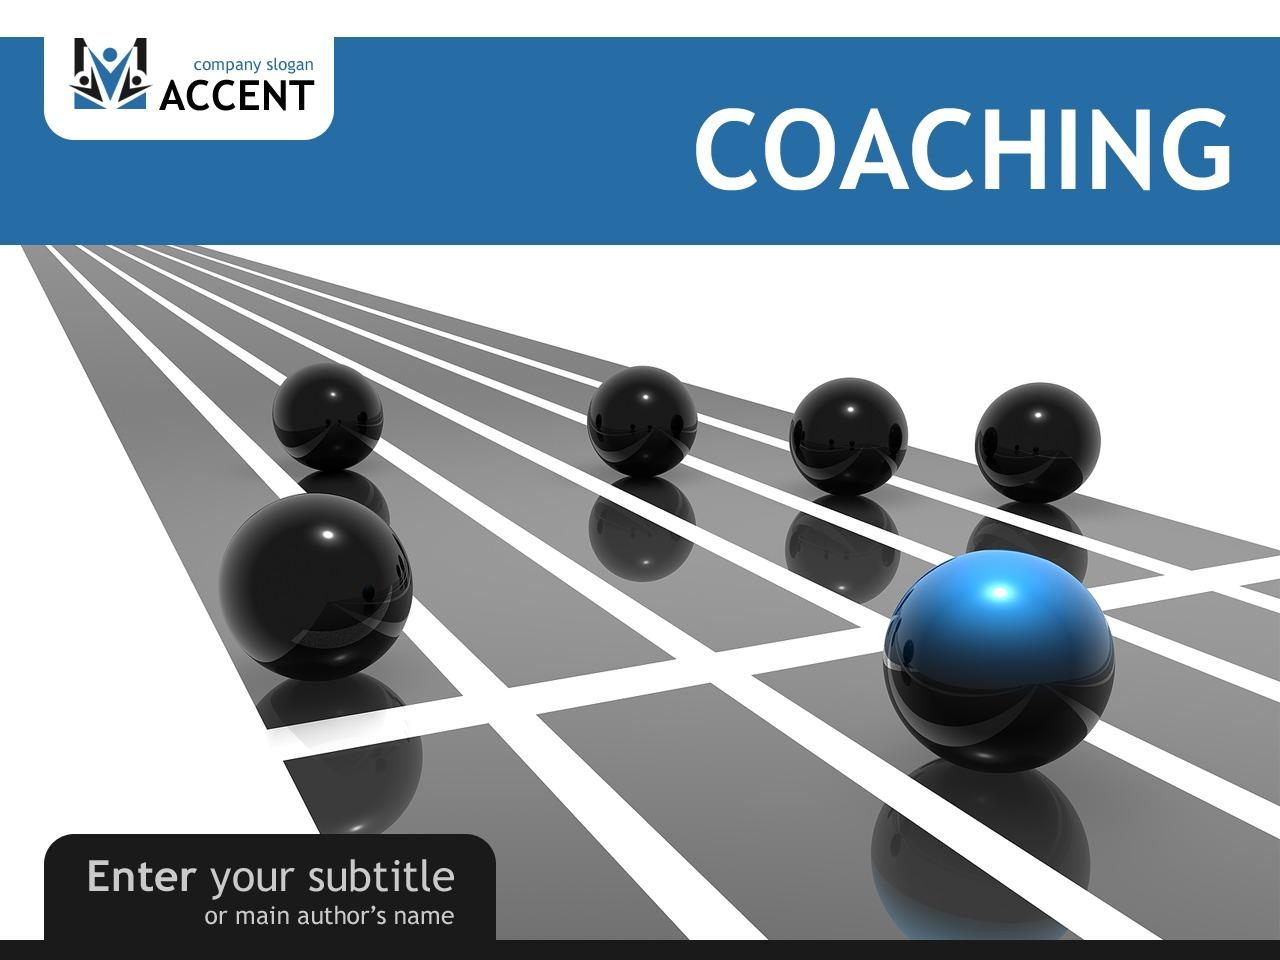 管理咨询公司PowerPoint 模板 #34511